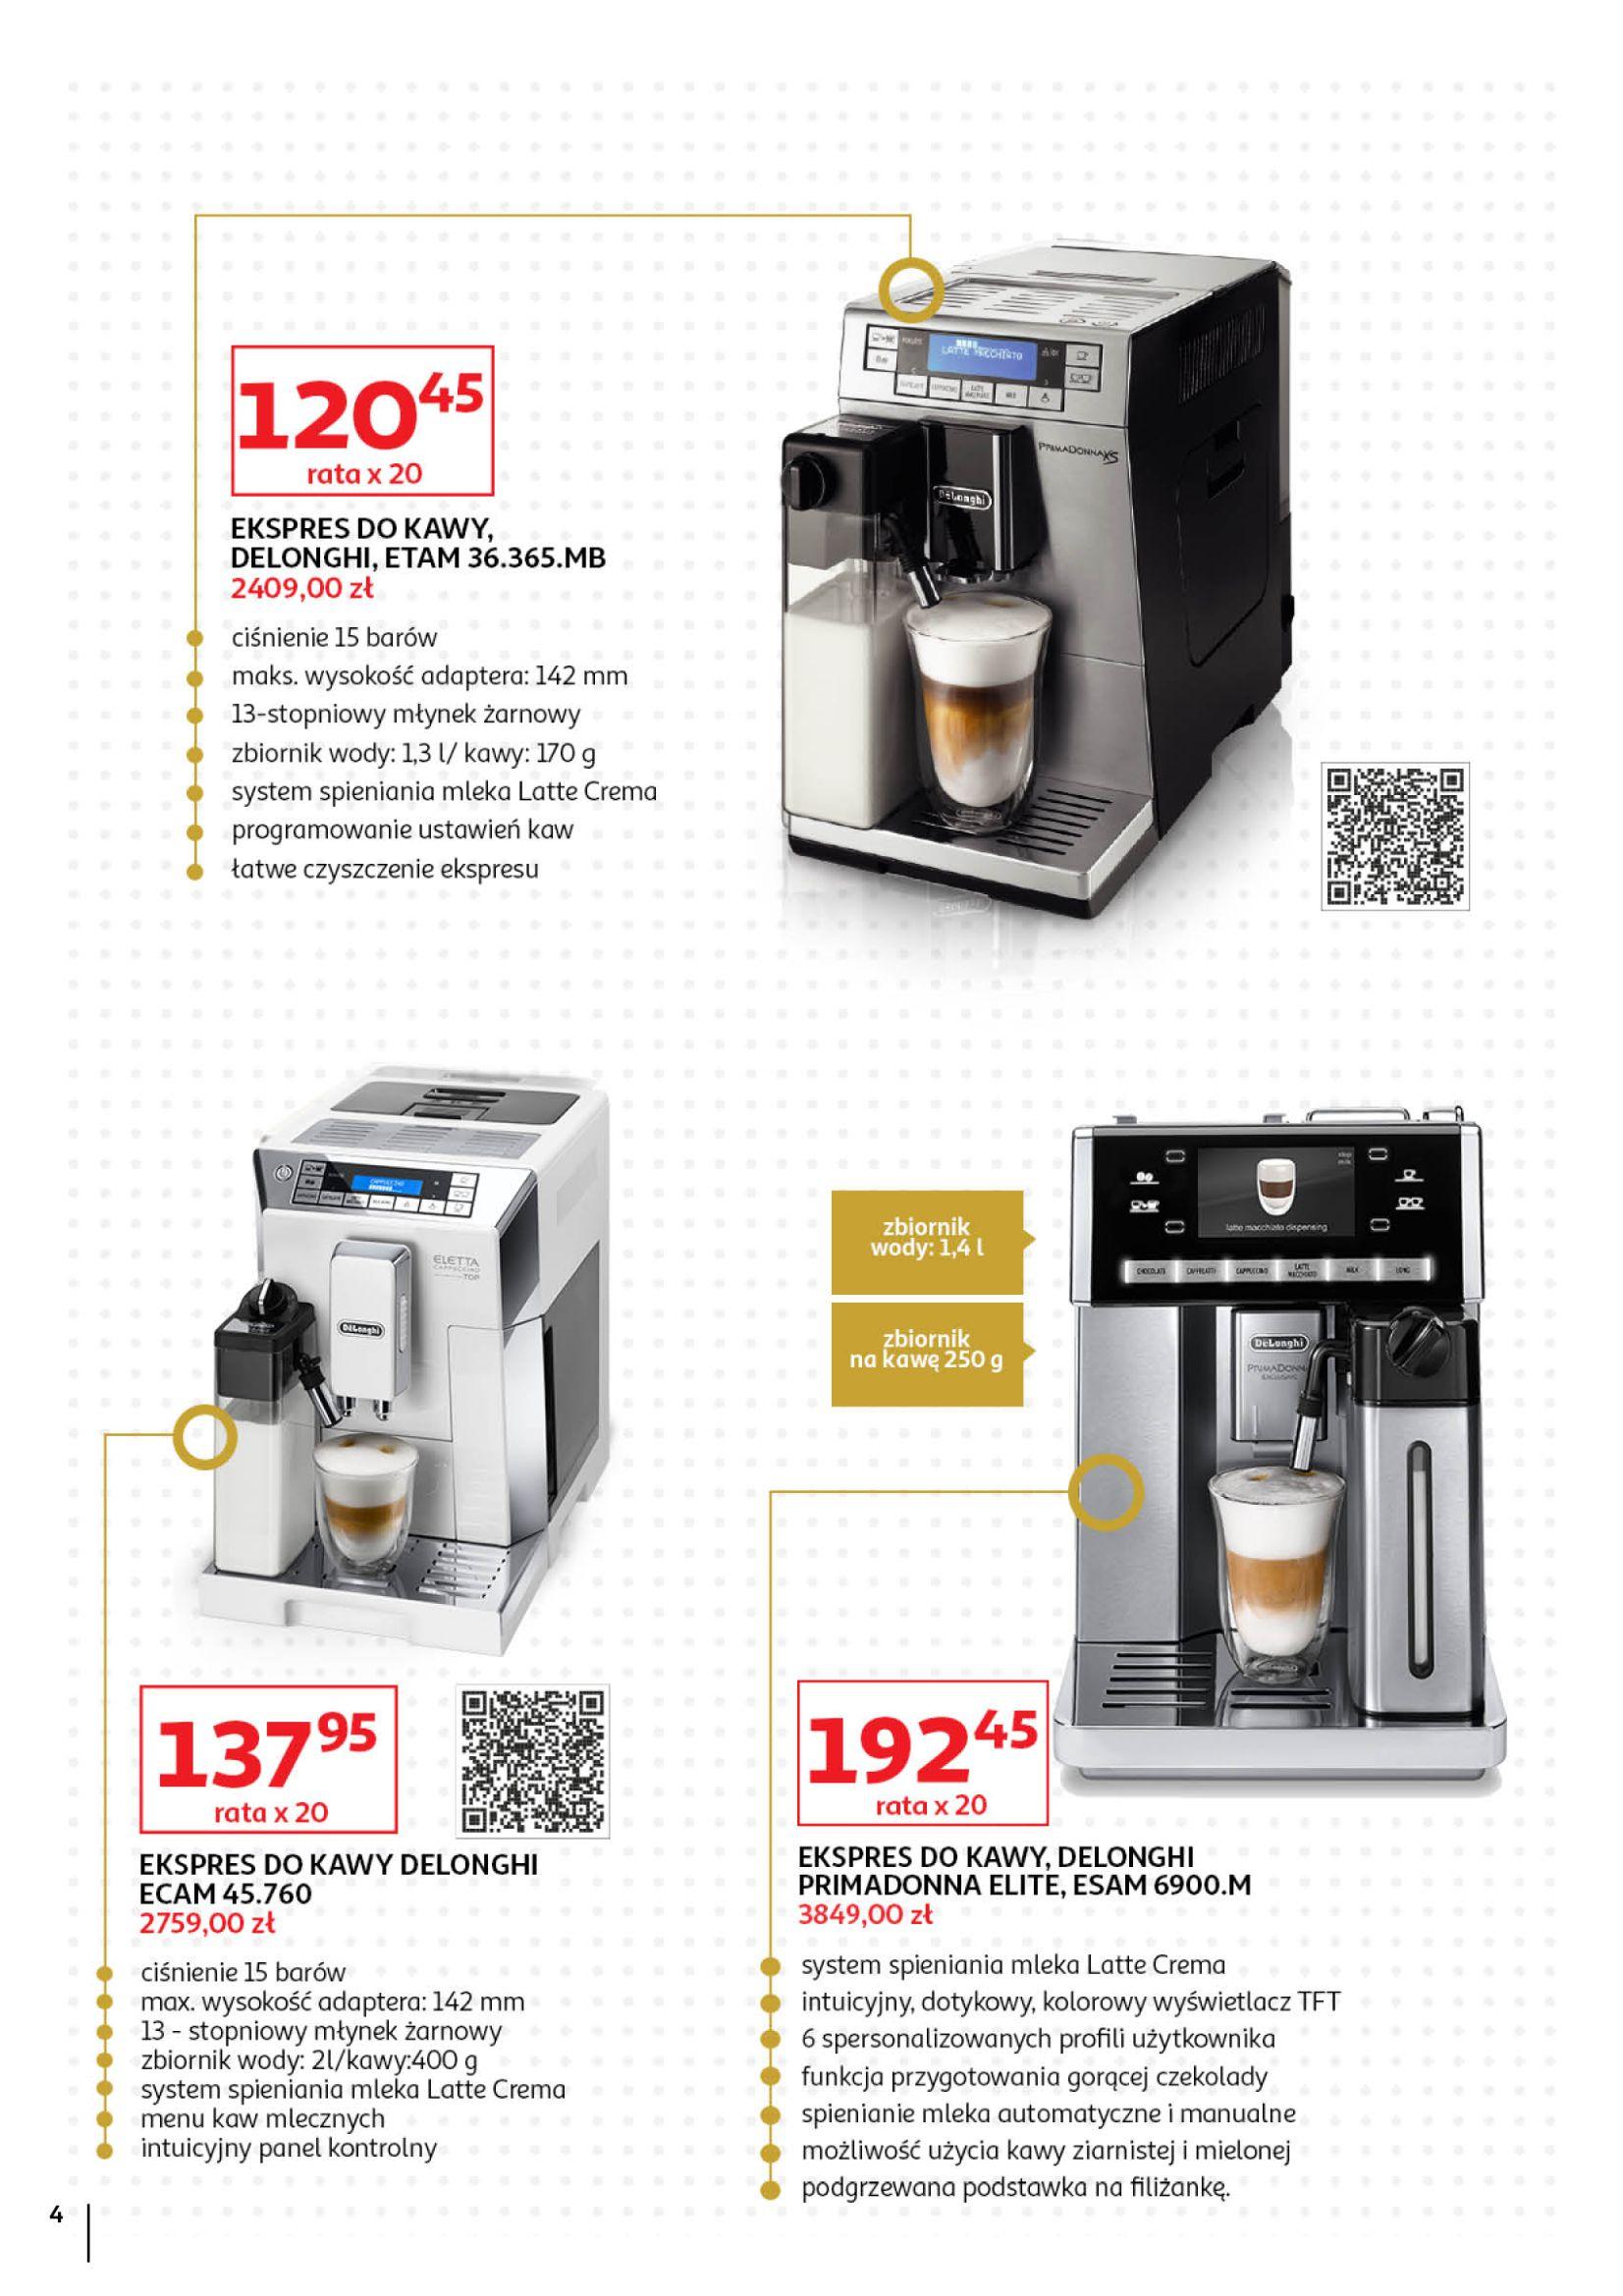 Gazetka Auchan - Oferta Auchan Premium Hipermarkety-01.11.2019-27.11.2019-page-4